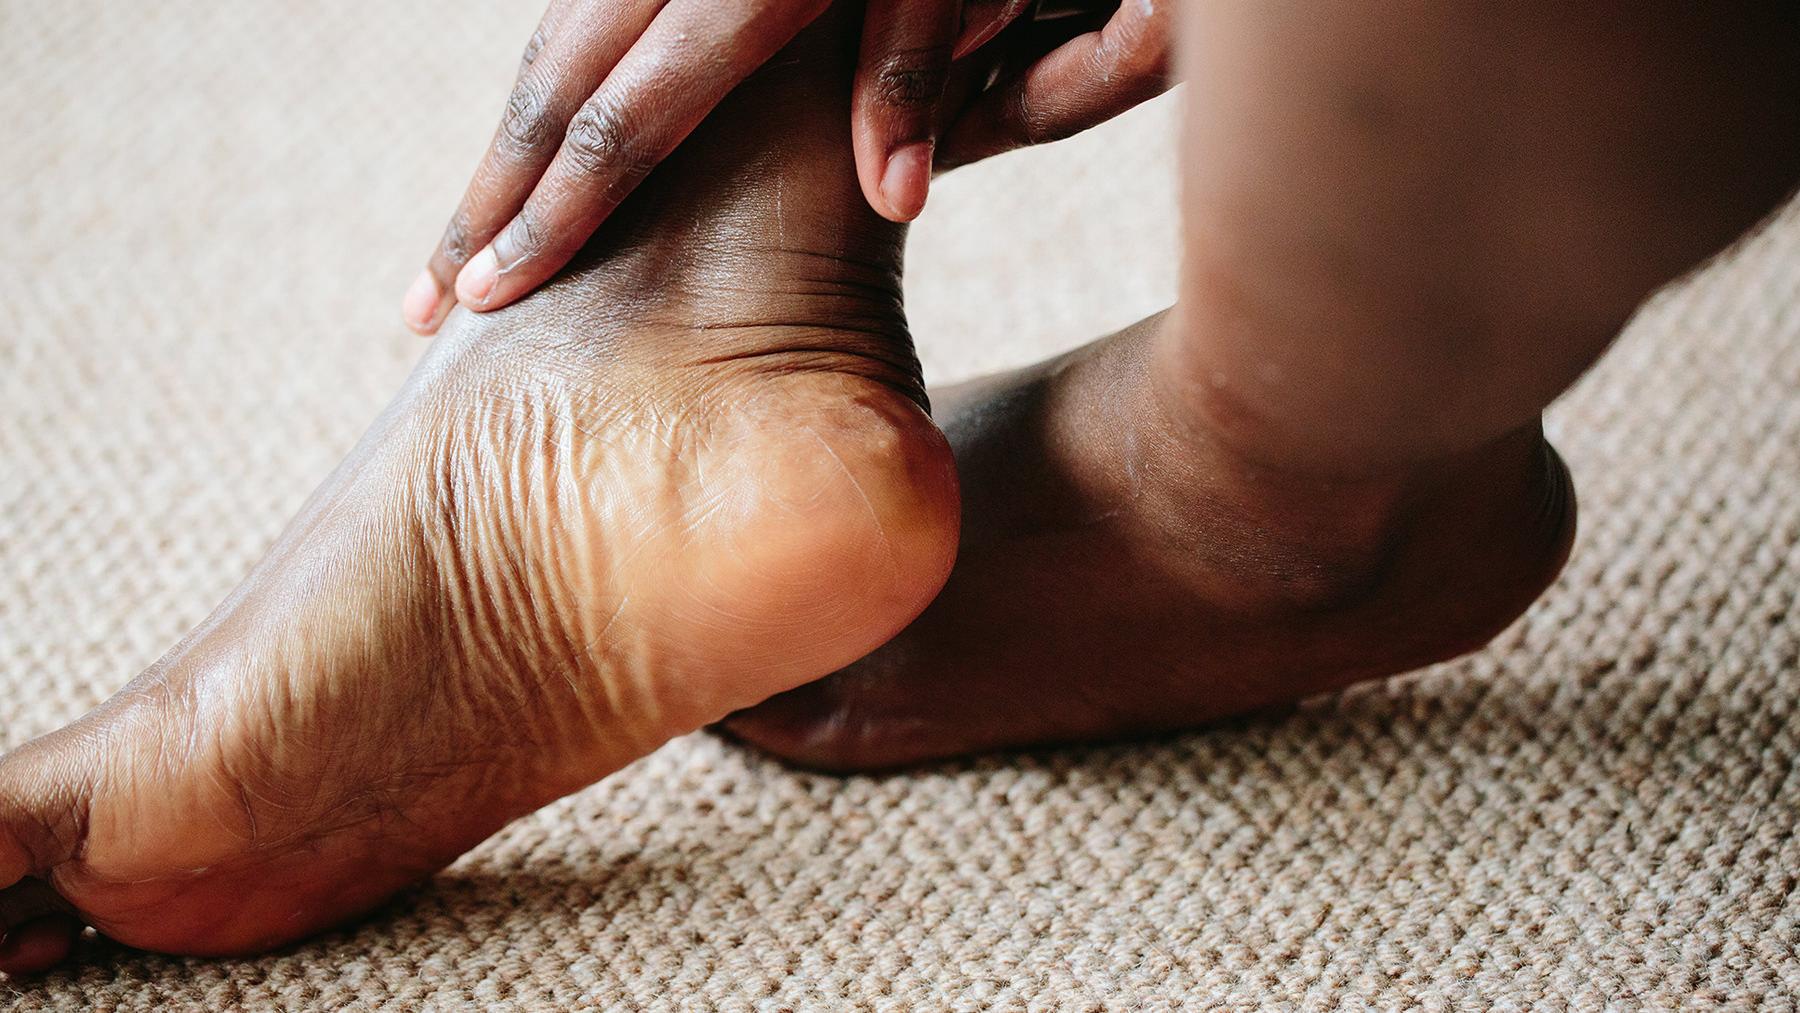 go faster feet